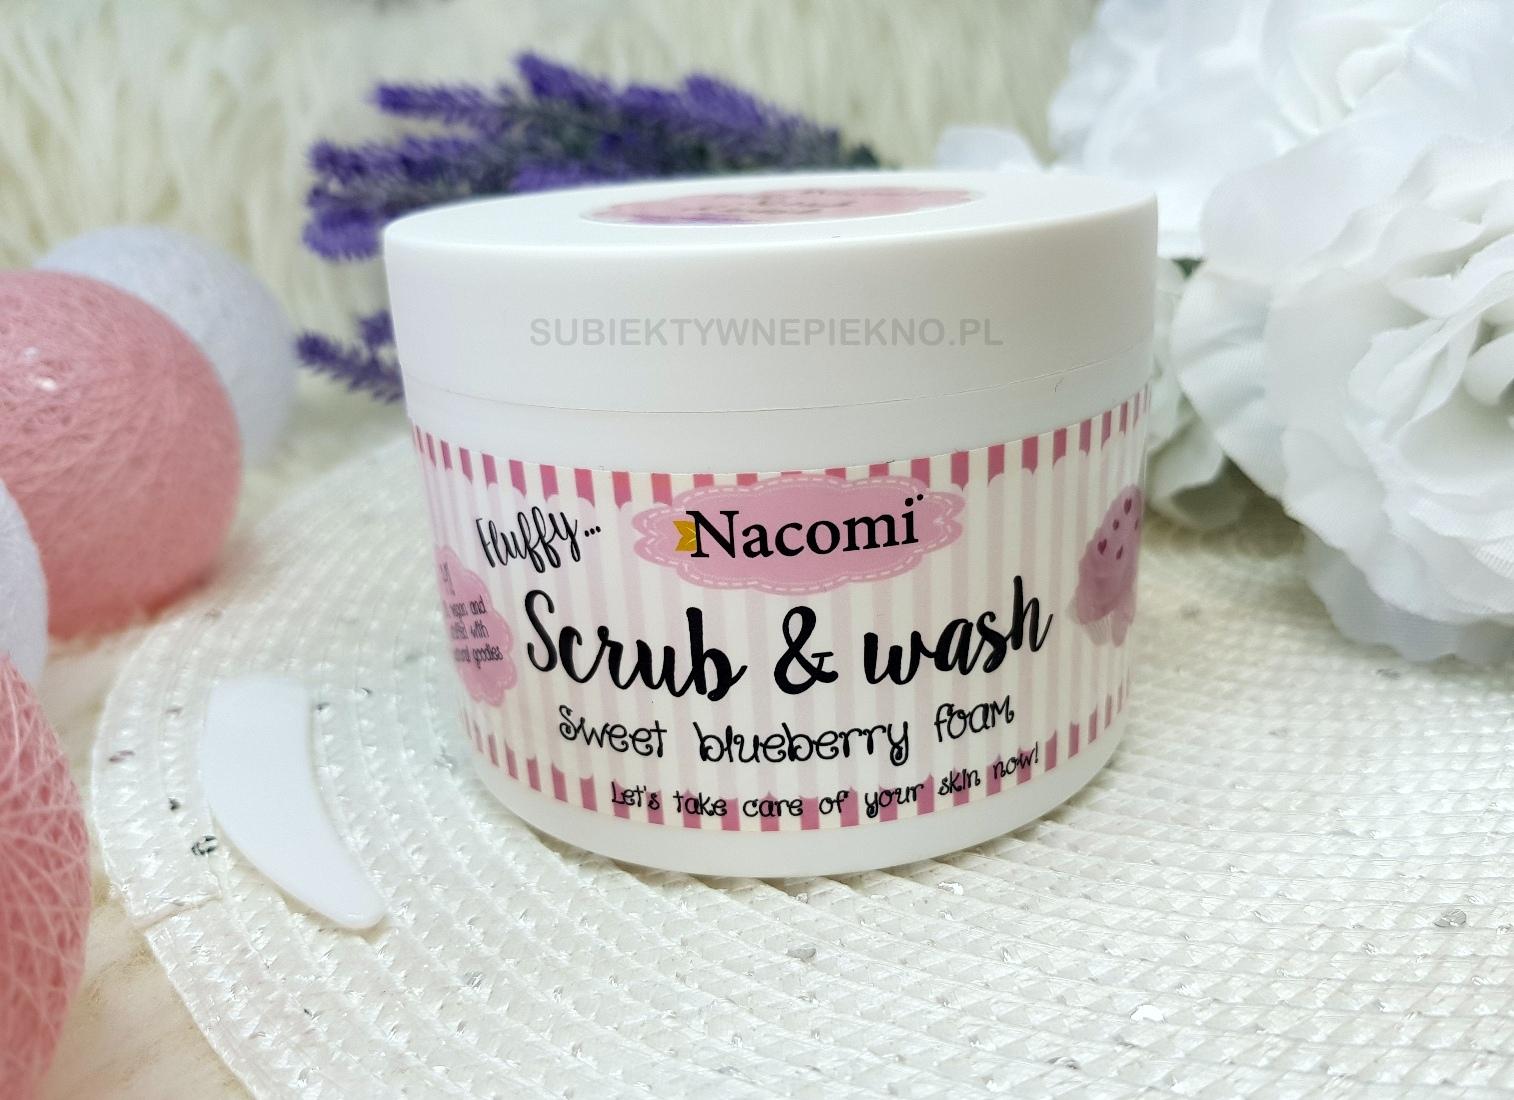 Pianka z peelingiem Nacomi słodka borówka Scrub & Wash